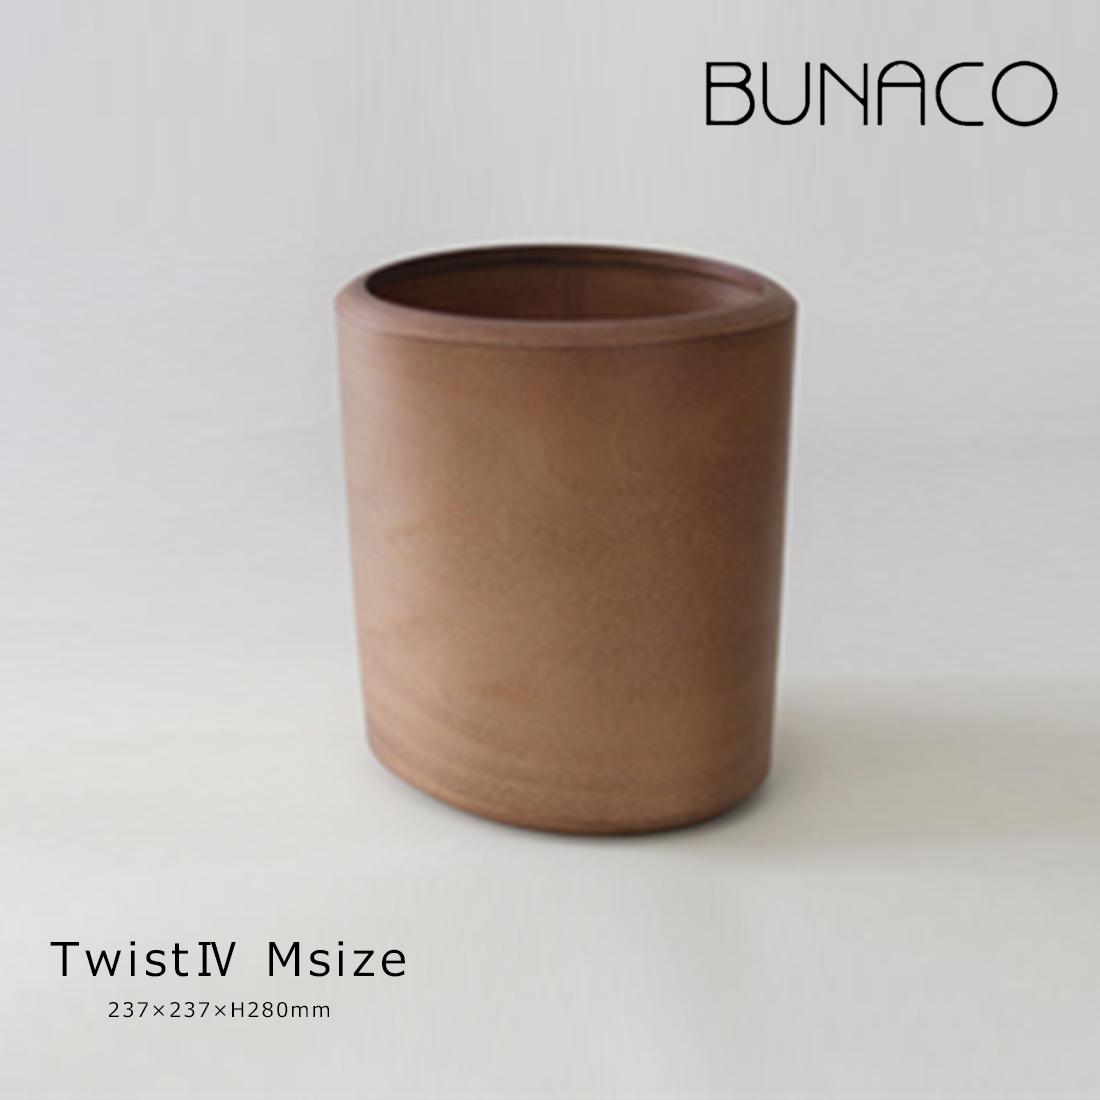 【BUNACO/ブナコ】ブナコ BUNACO Dust Box Twist4 Size M ダストボックス ツイスト コンビニ受取対応